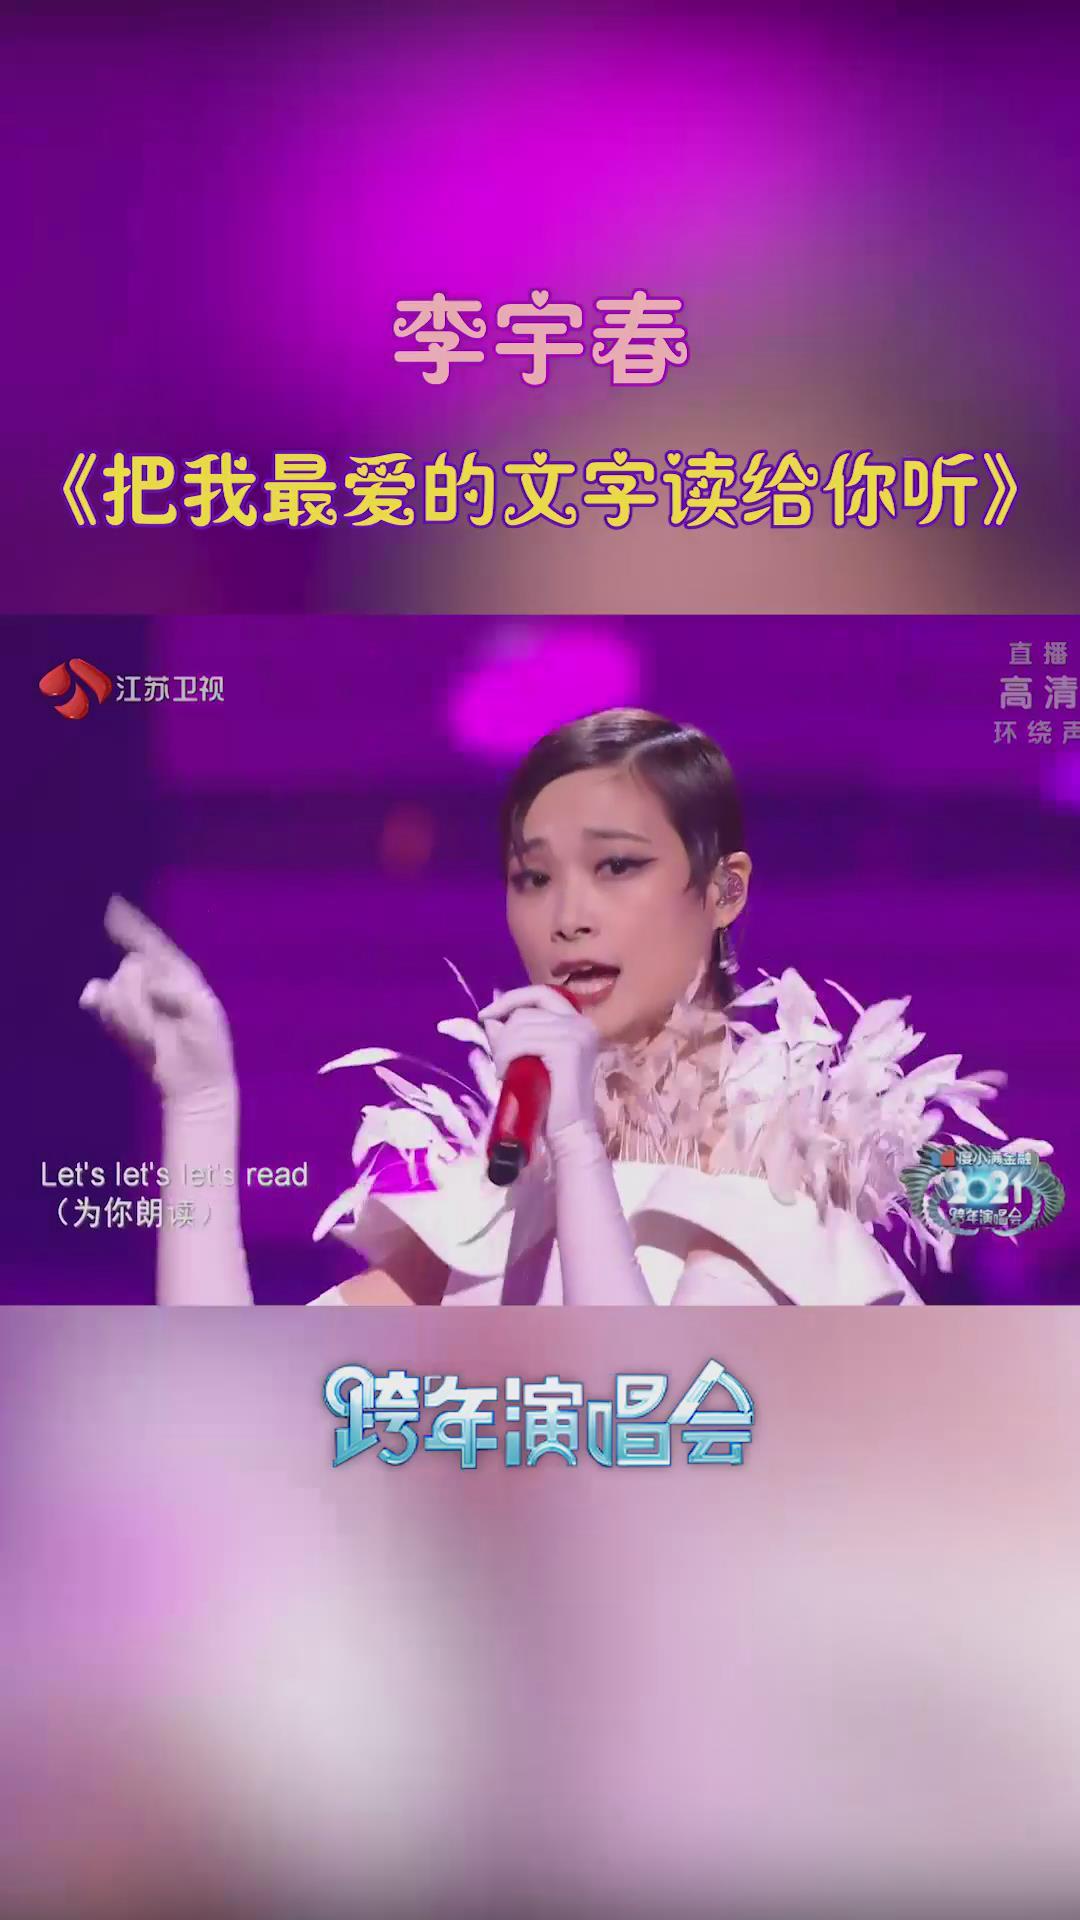 """李宇春唱跳演绎《把我最爱的文字读给你听》""""今晚我是你的专属"""""""